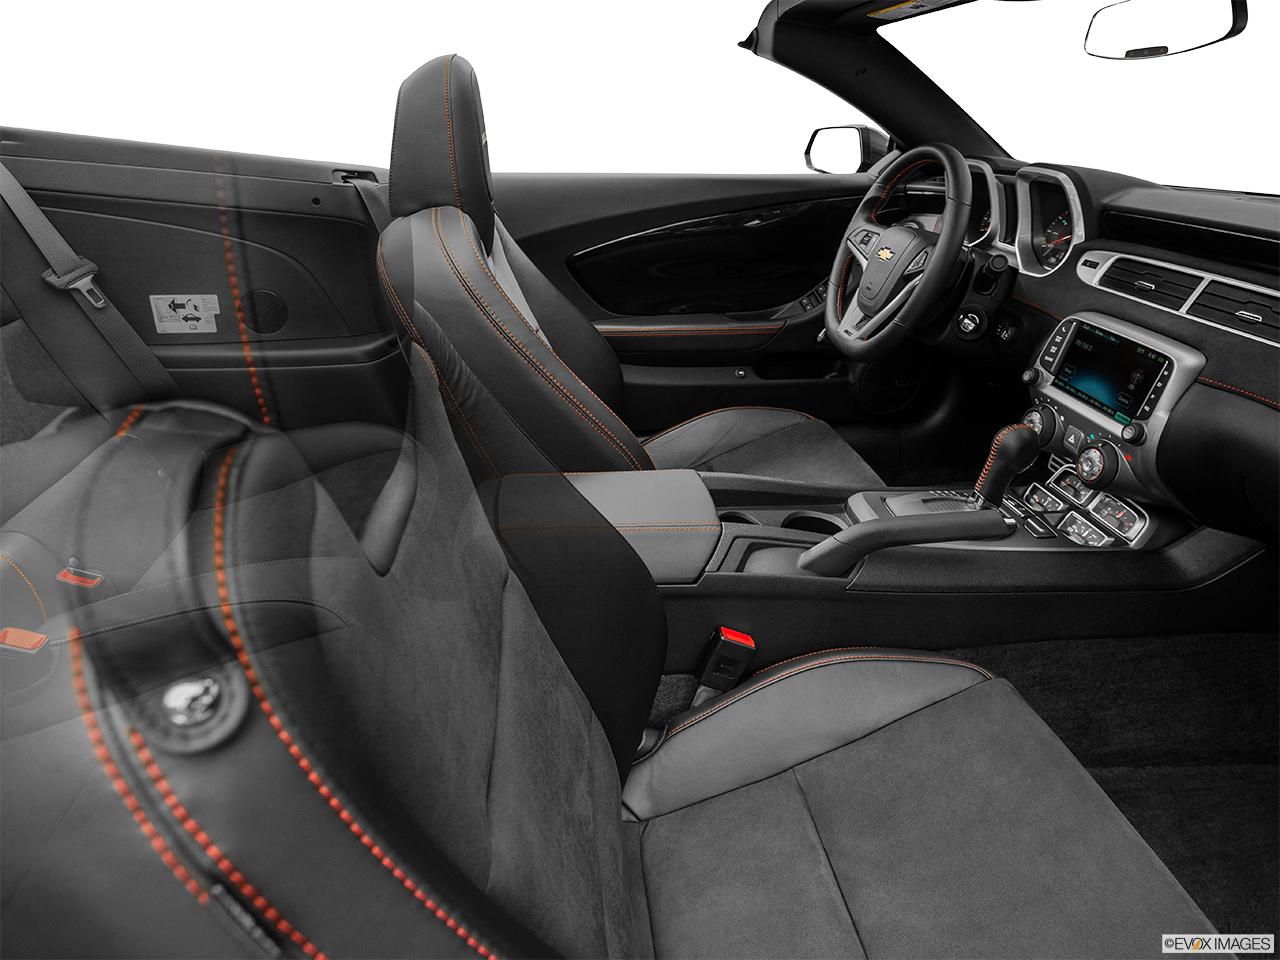 2014 Camaro Zl1 Interior Www Pixshark Com Images